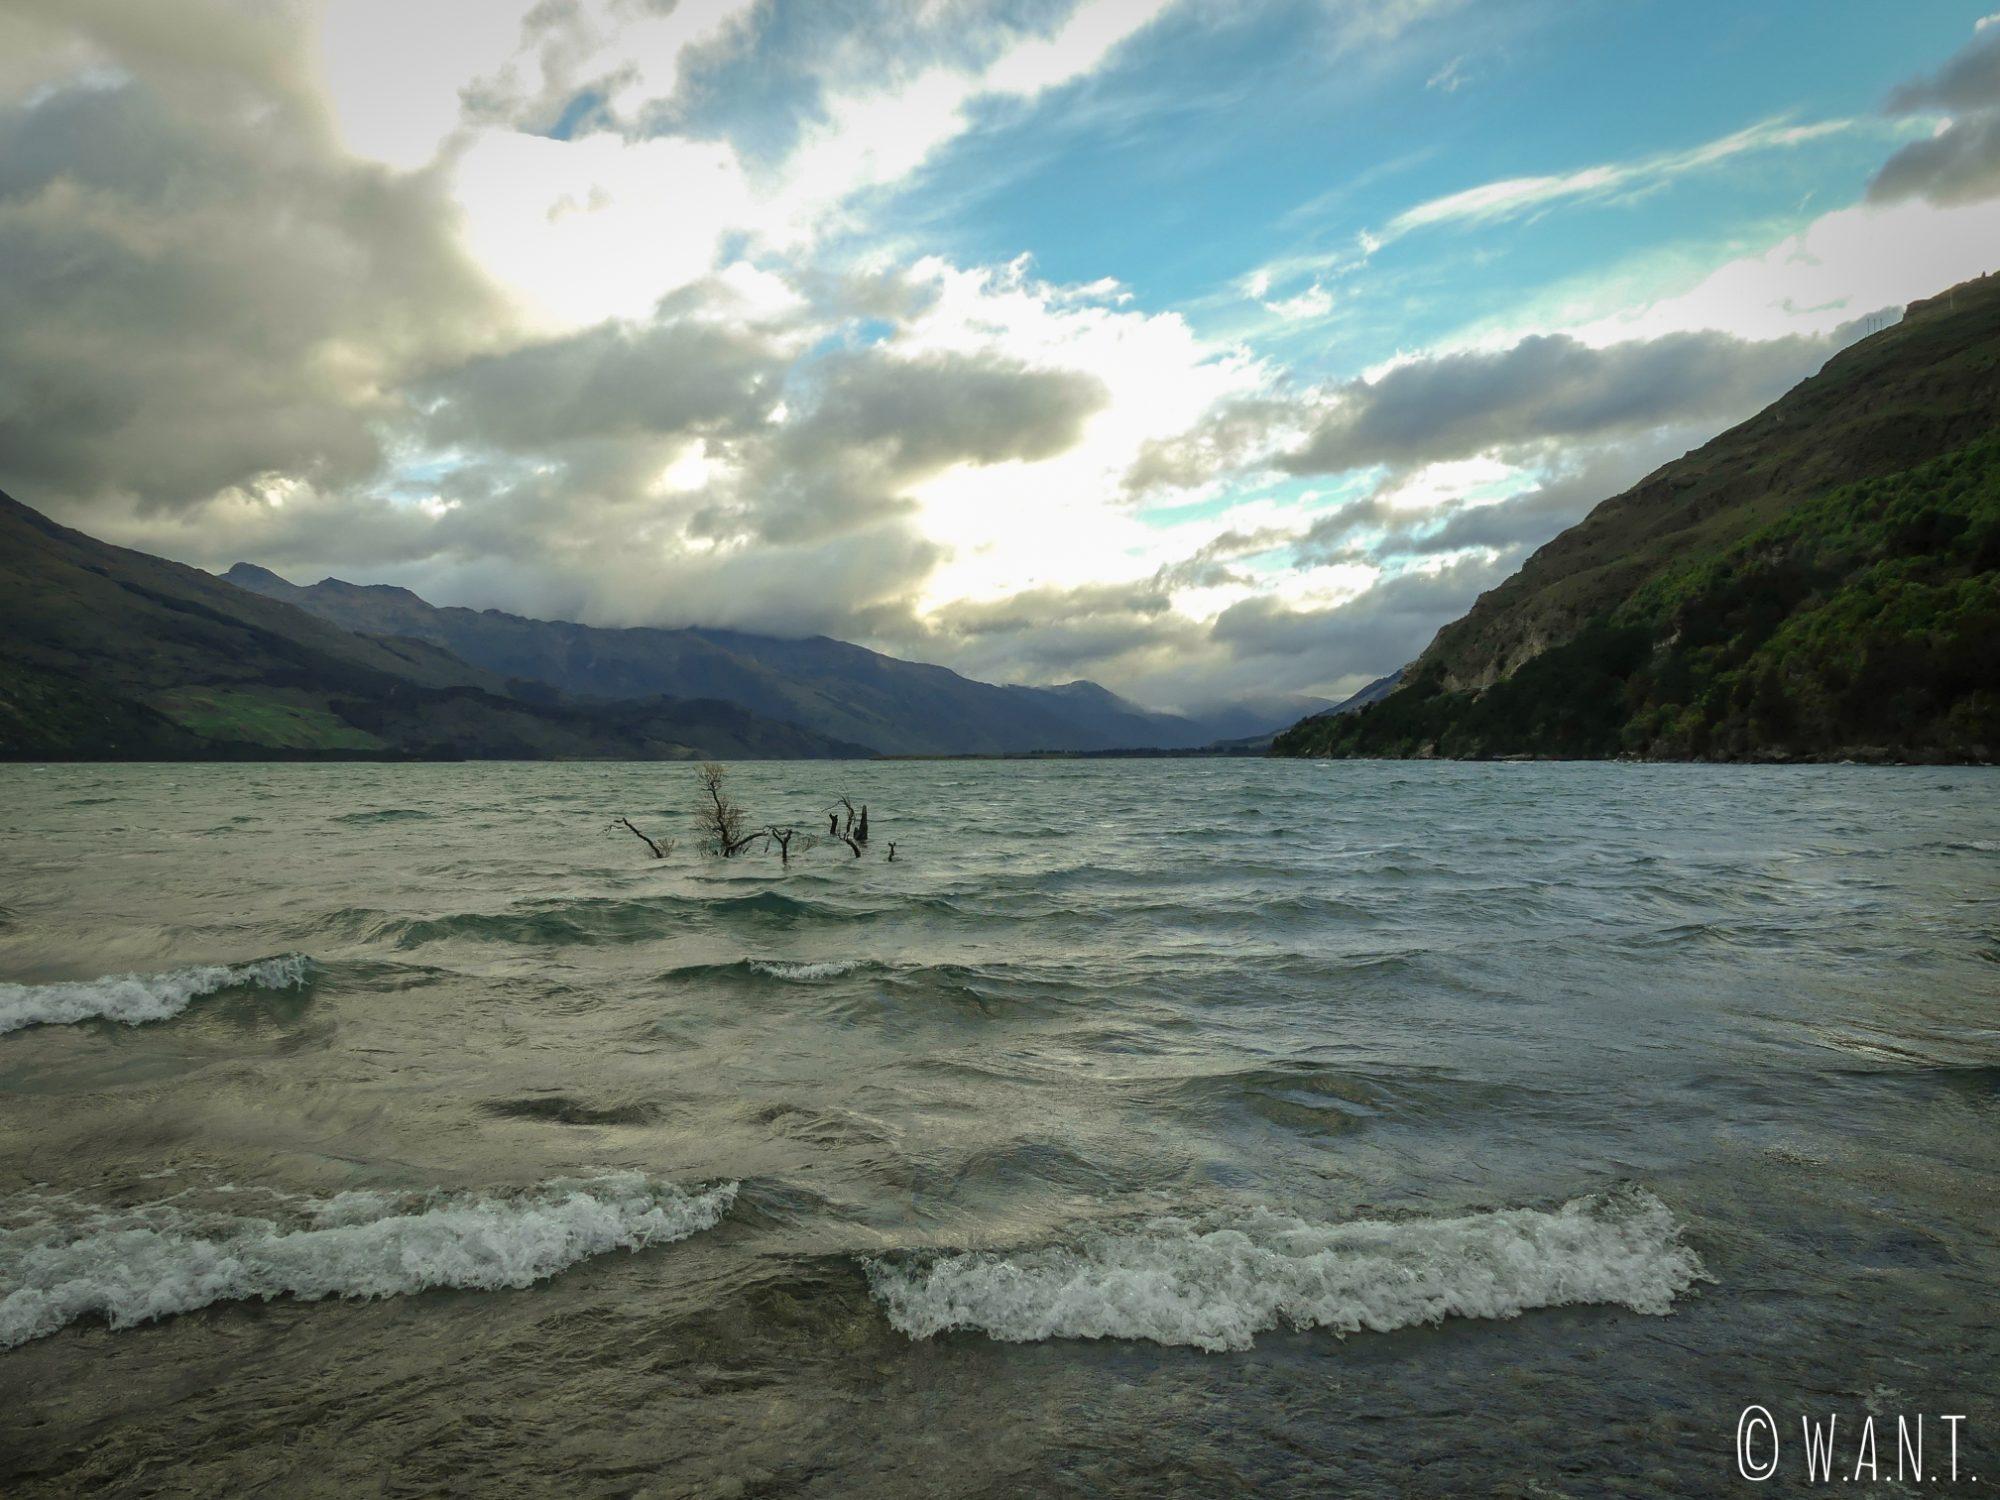 Vue depuis notre campement sur le Lac Wanake en Nouvelle-Zélande